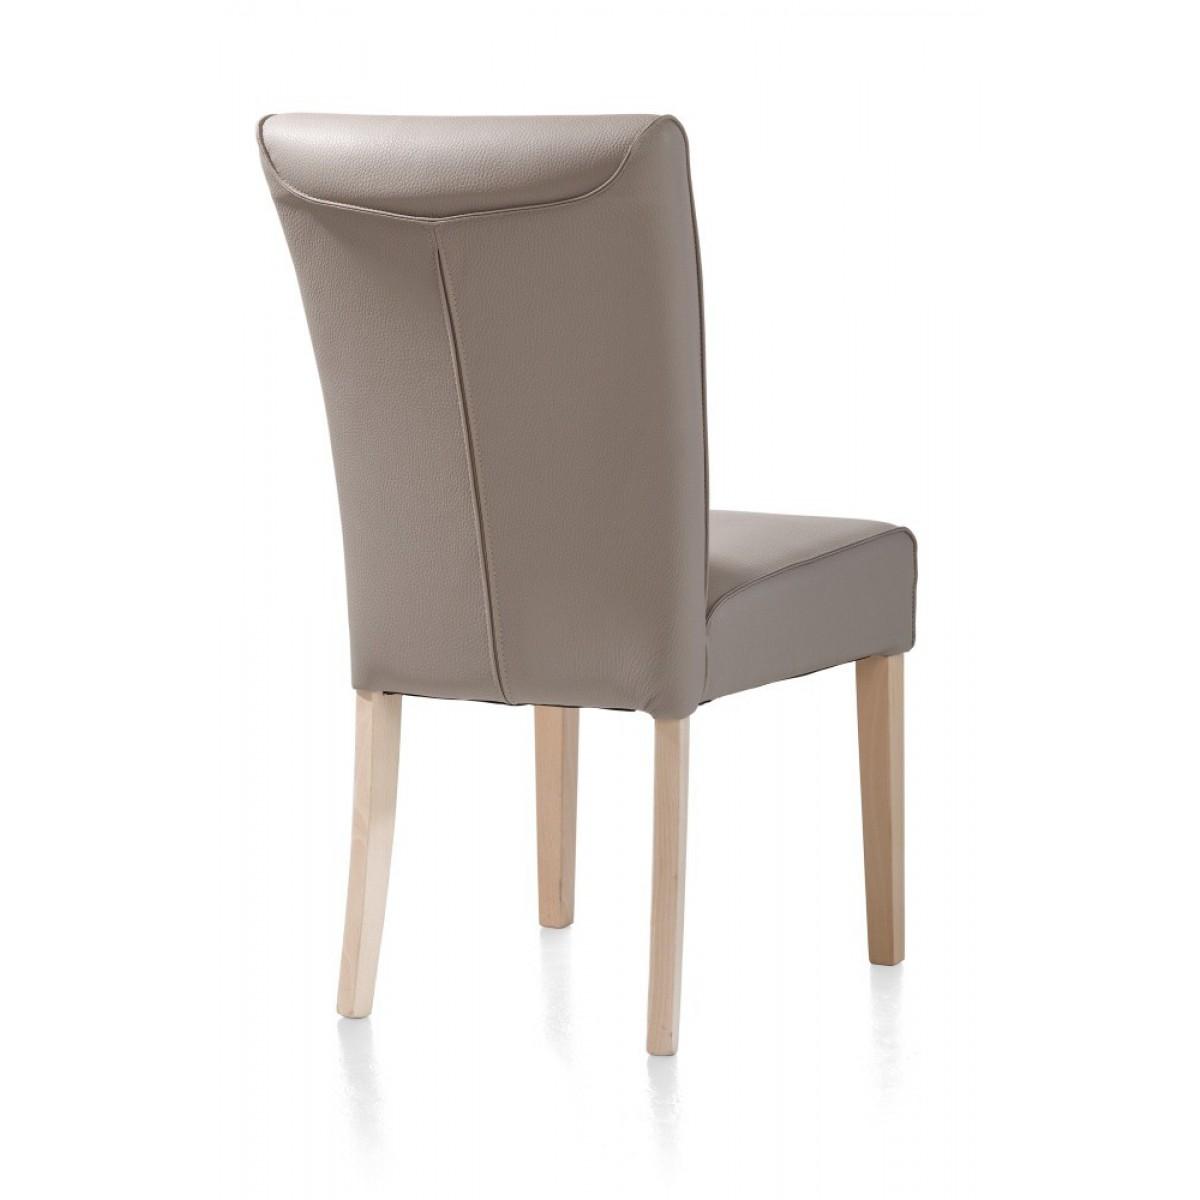 queen-stoel-eetkamerstoel-poot-hout-eiken-tatra-achterzijde